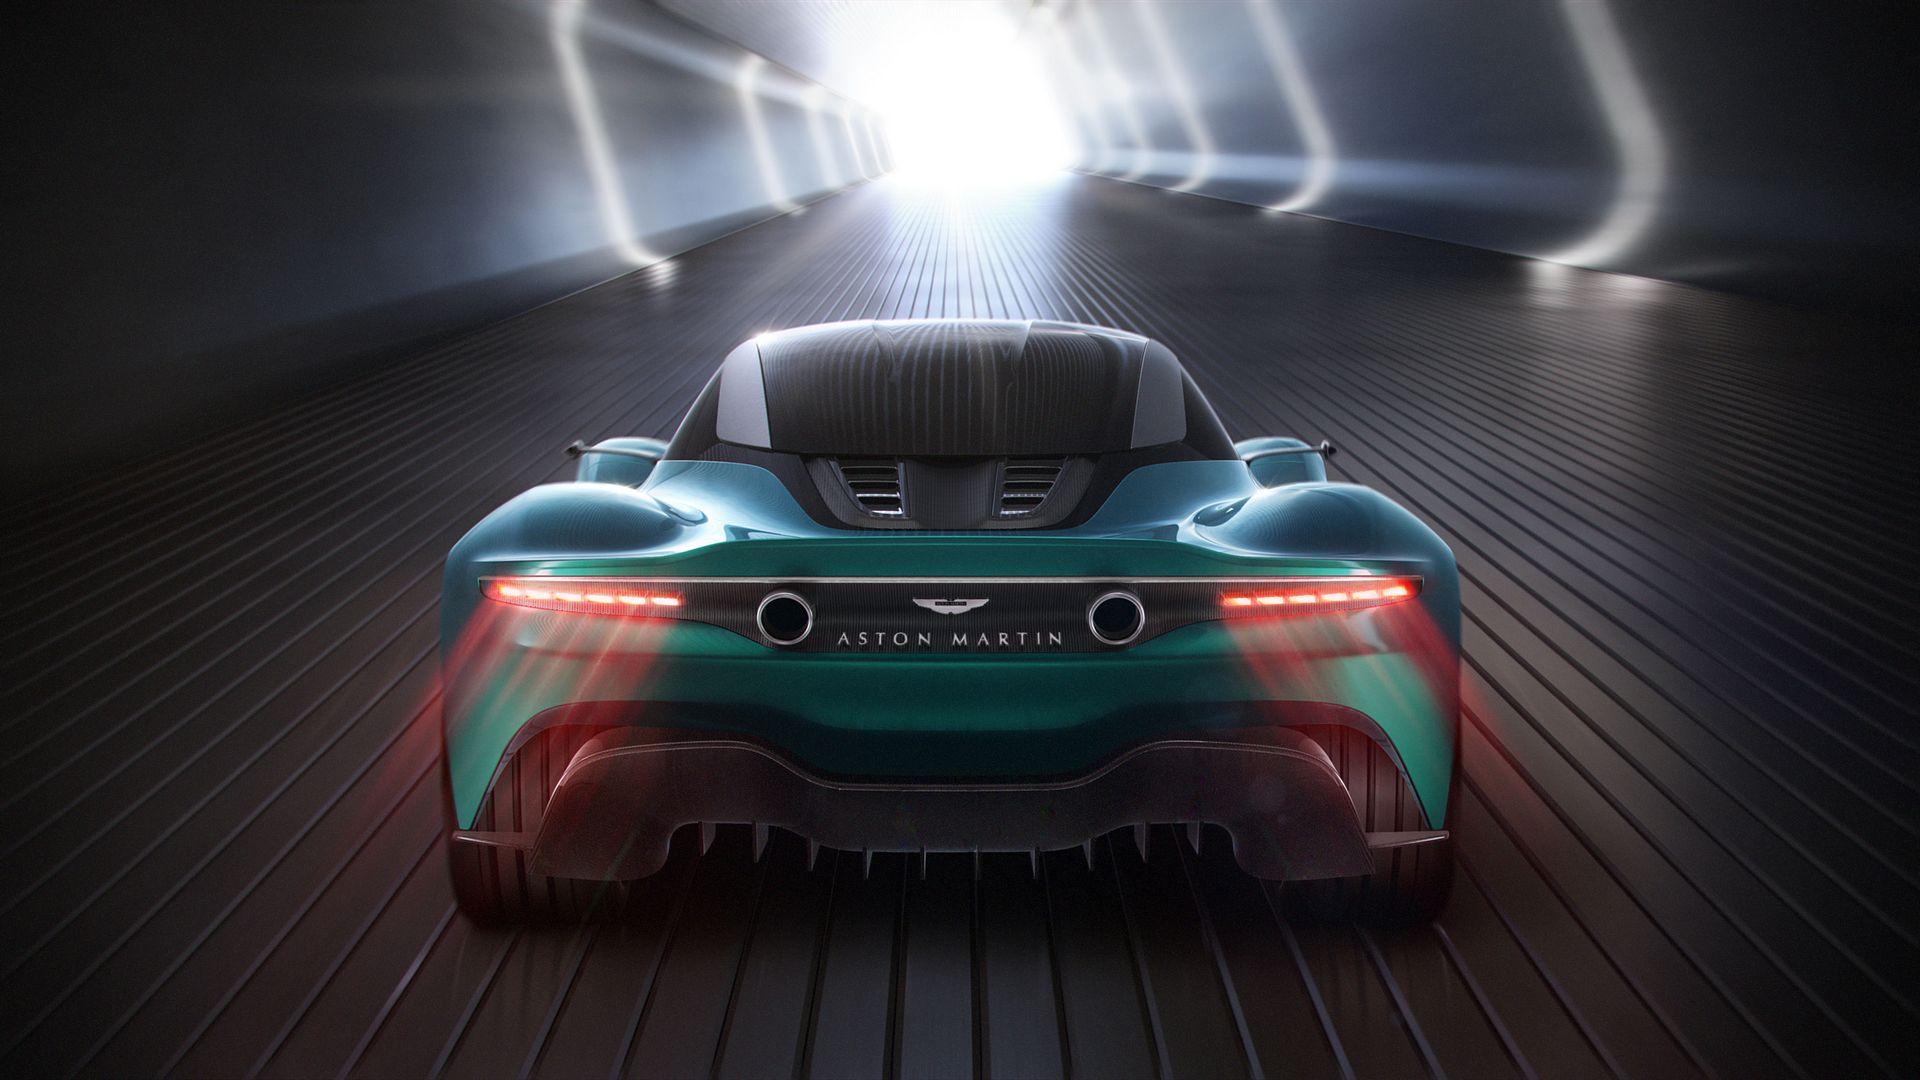 アストンマーティンが方針転換!「2025年にはすべて電動化」「2030年にはガソリン車廃止」「2030年の販売構成はピュアEVが50%、スポーツHVが45%、サーキット専用モデル5%」